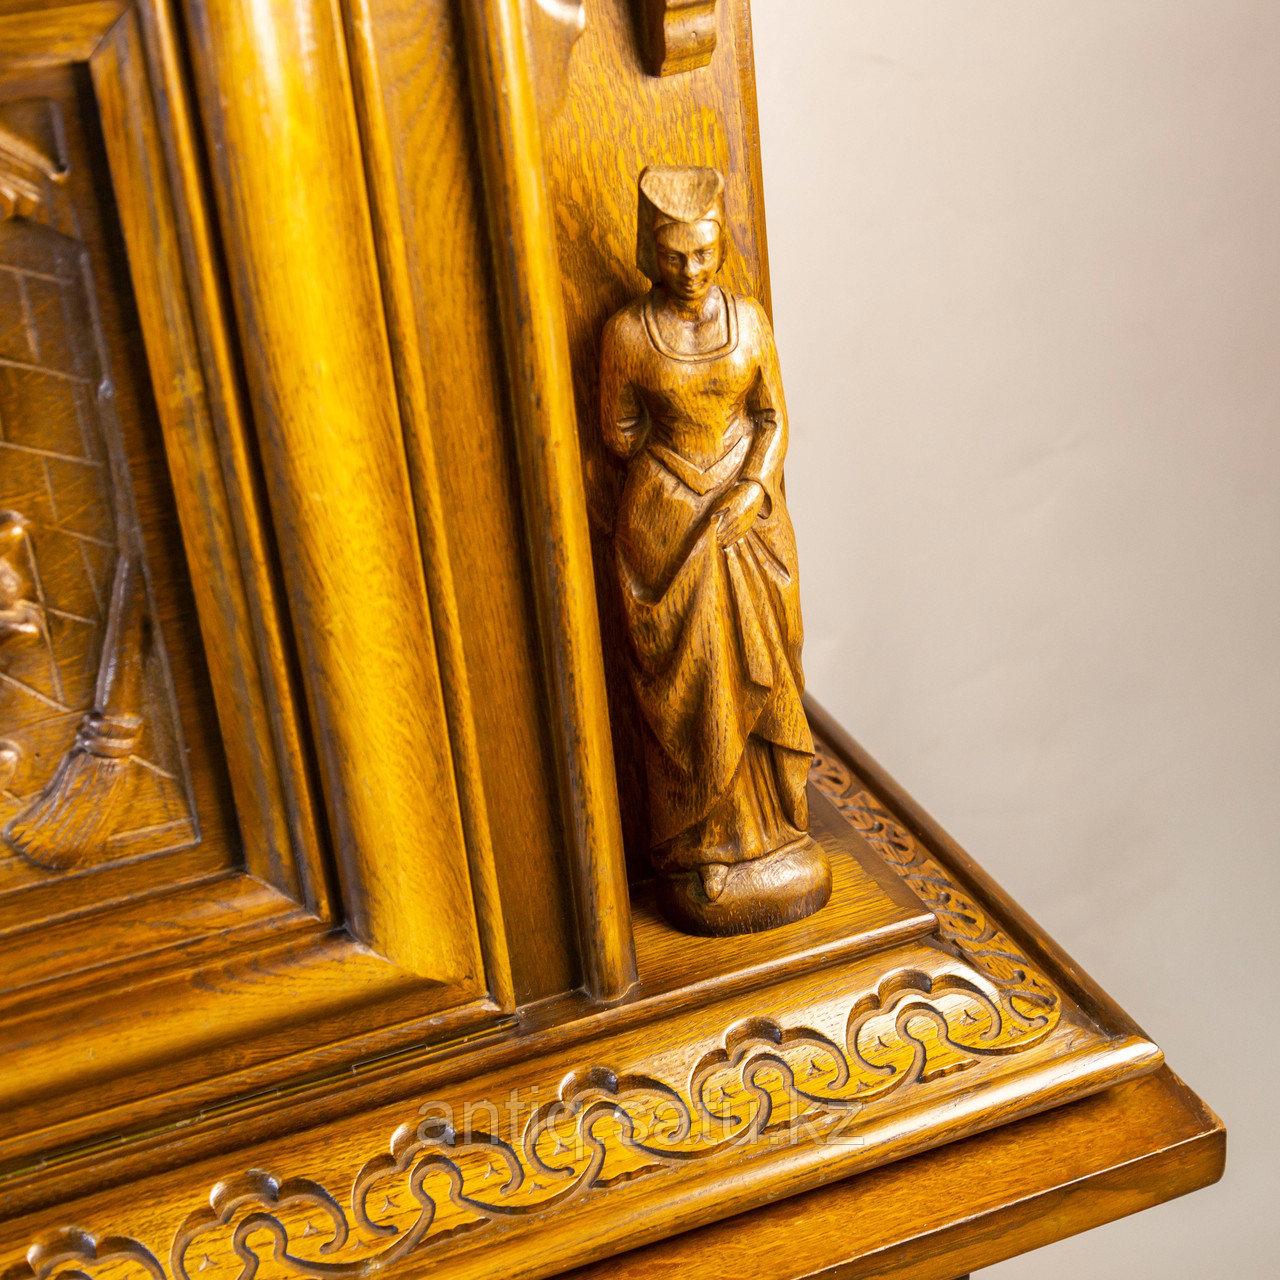 Комод в стиле Брейгель. Голландия- Бельгия. Середина 20 го века. Необычный резной бар-комод. - фото 6